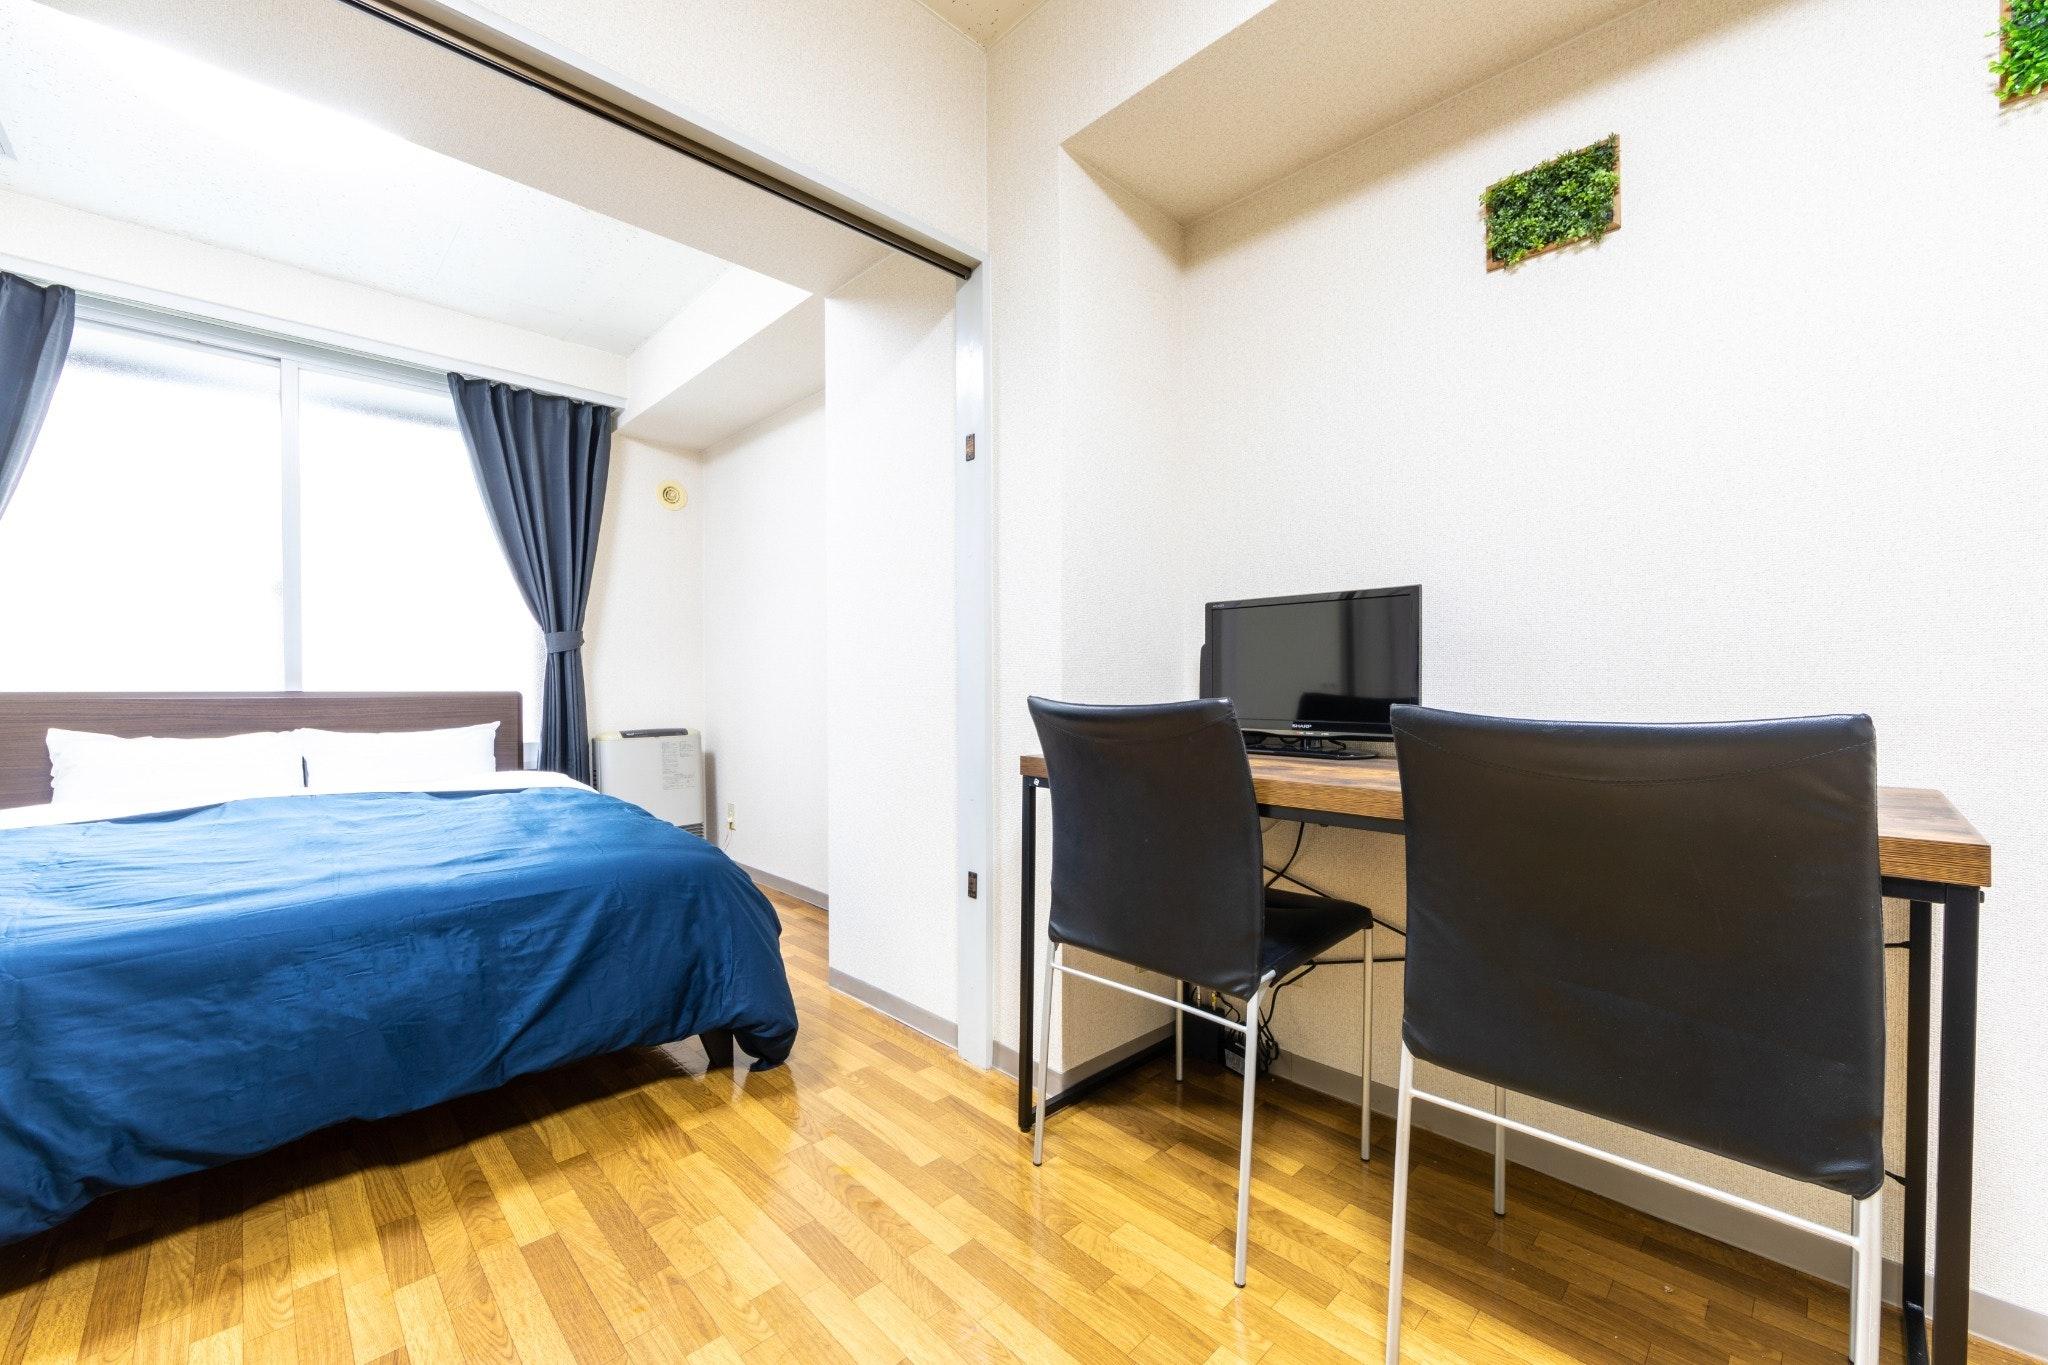 603号室、1DK、ダブルベッド1台、布団1枚。地下鉄東豊線大通駅徒歩5分、JR札幌駅より徒歩10分